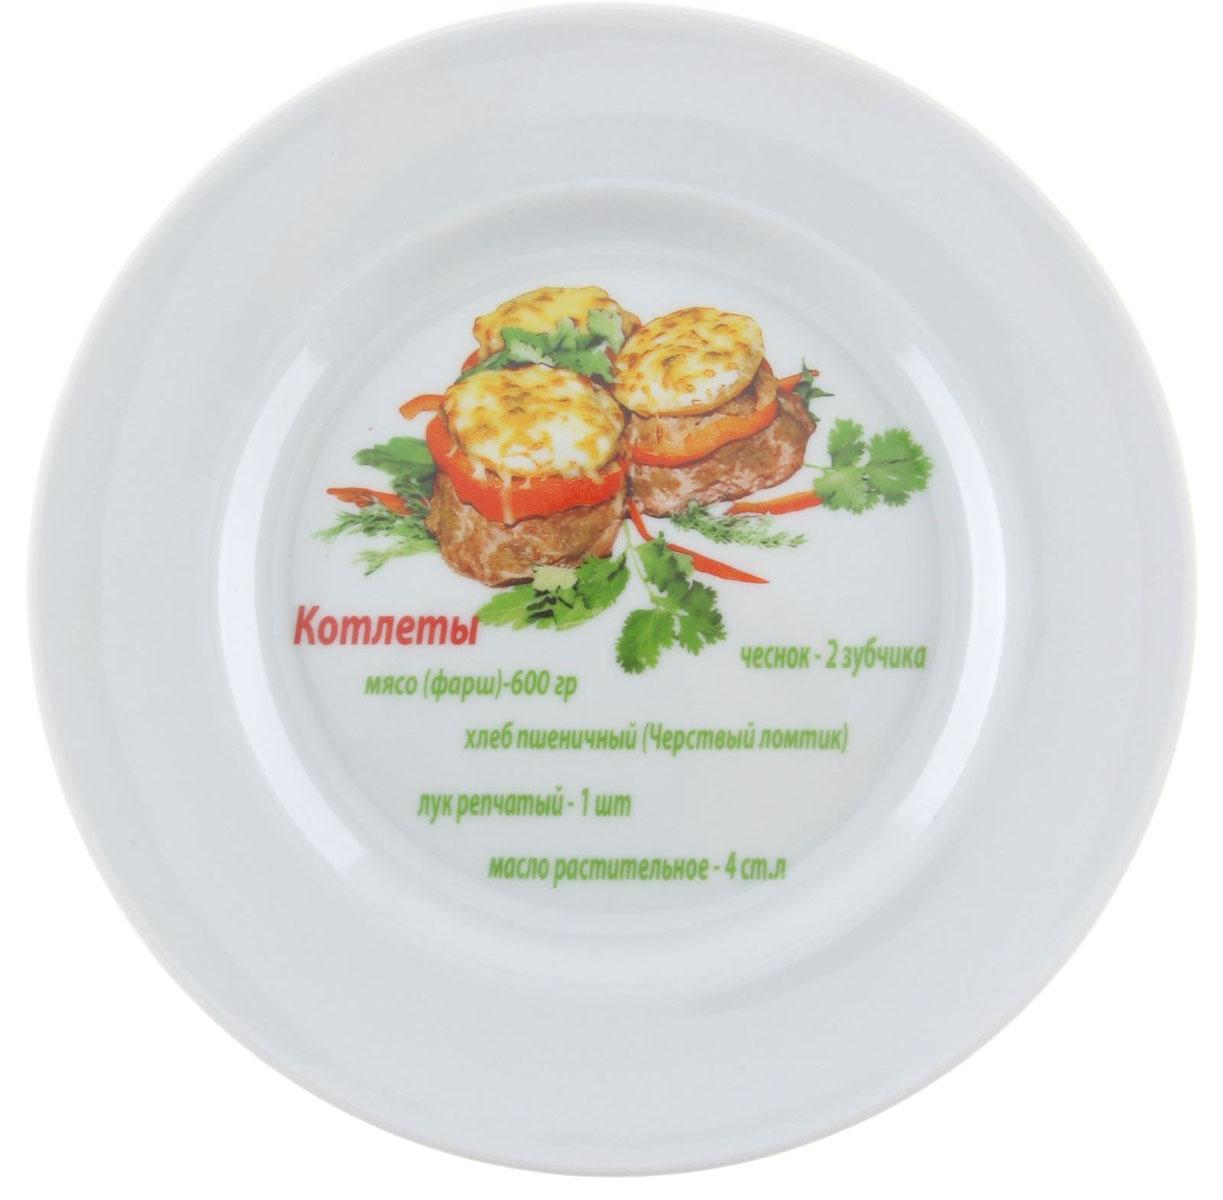 Тарелка Идиллия. Рецепты, диаметр 20 смVT-1520(SR)Тарелка Идиллия. Рецепты выполнена из высококачественного фарфора и украшена ярким изображением. Она прекрасно впишется в интерьер вашей кухни и станет достойным дополнением к кухонному инвентарю. Тарелка Идиллия. Рецепты подчеркнет прекрасный вкус хозяйки и станет отличным подарком.